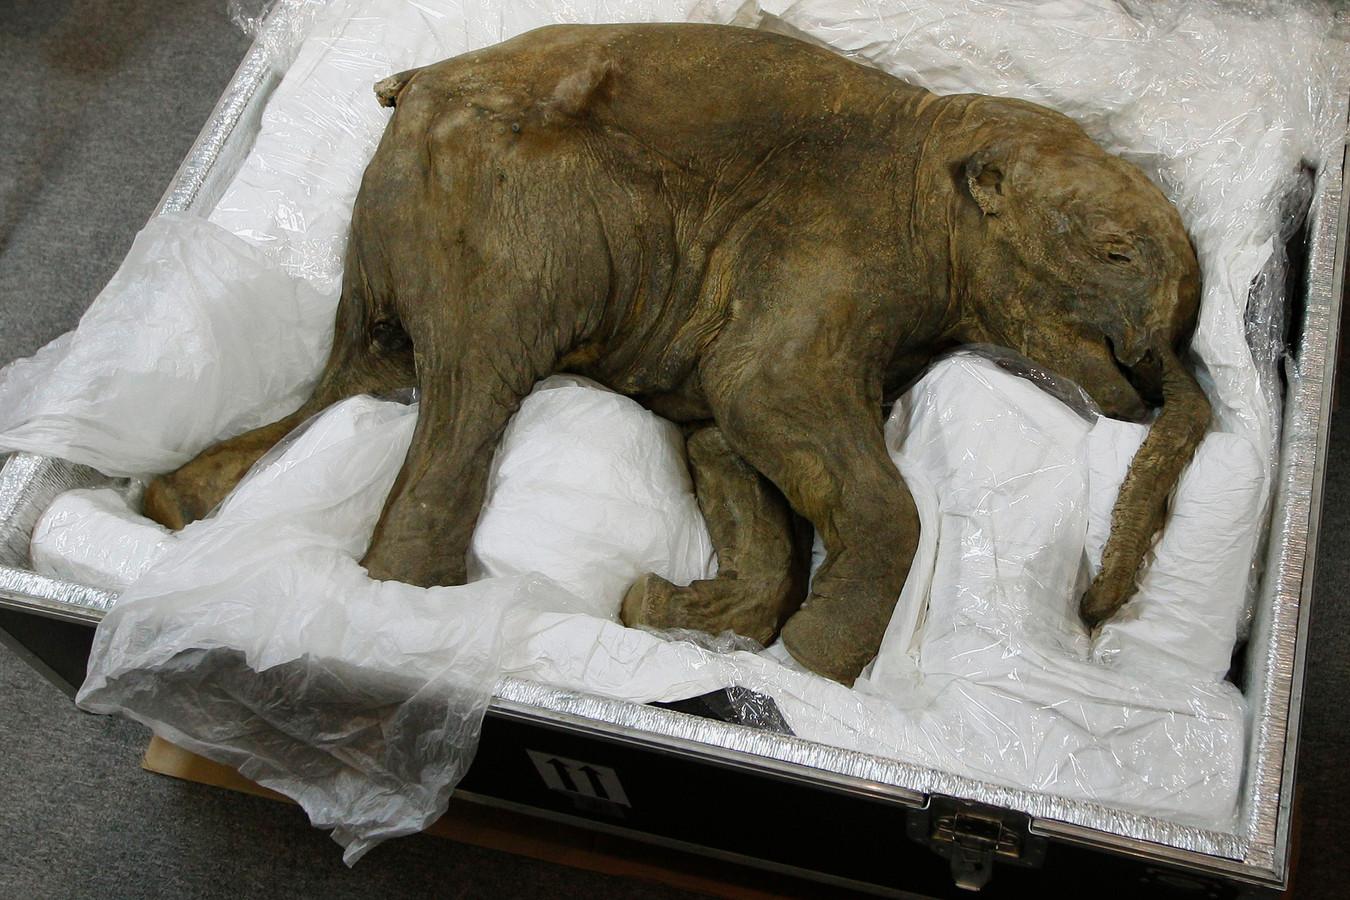 De mummie van een mammoetjong, eveneens gevonden in de Russische permafrost.